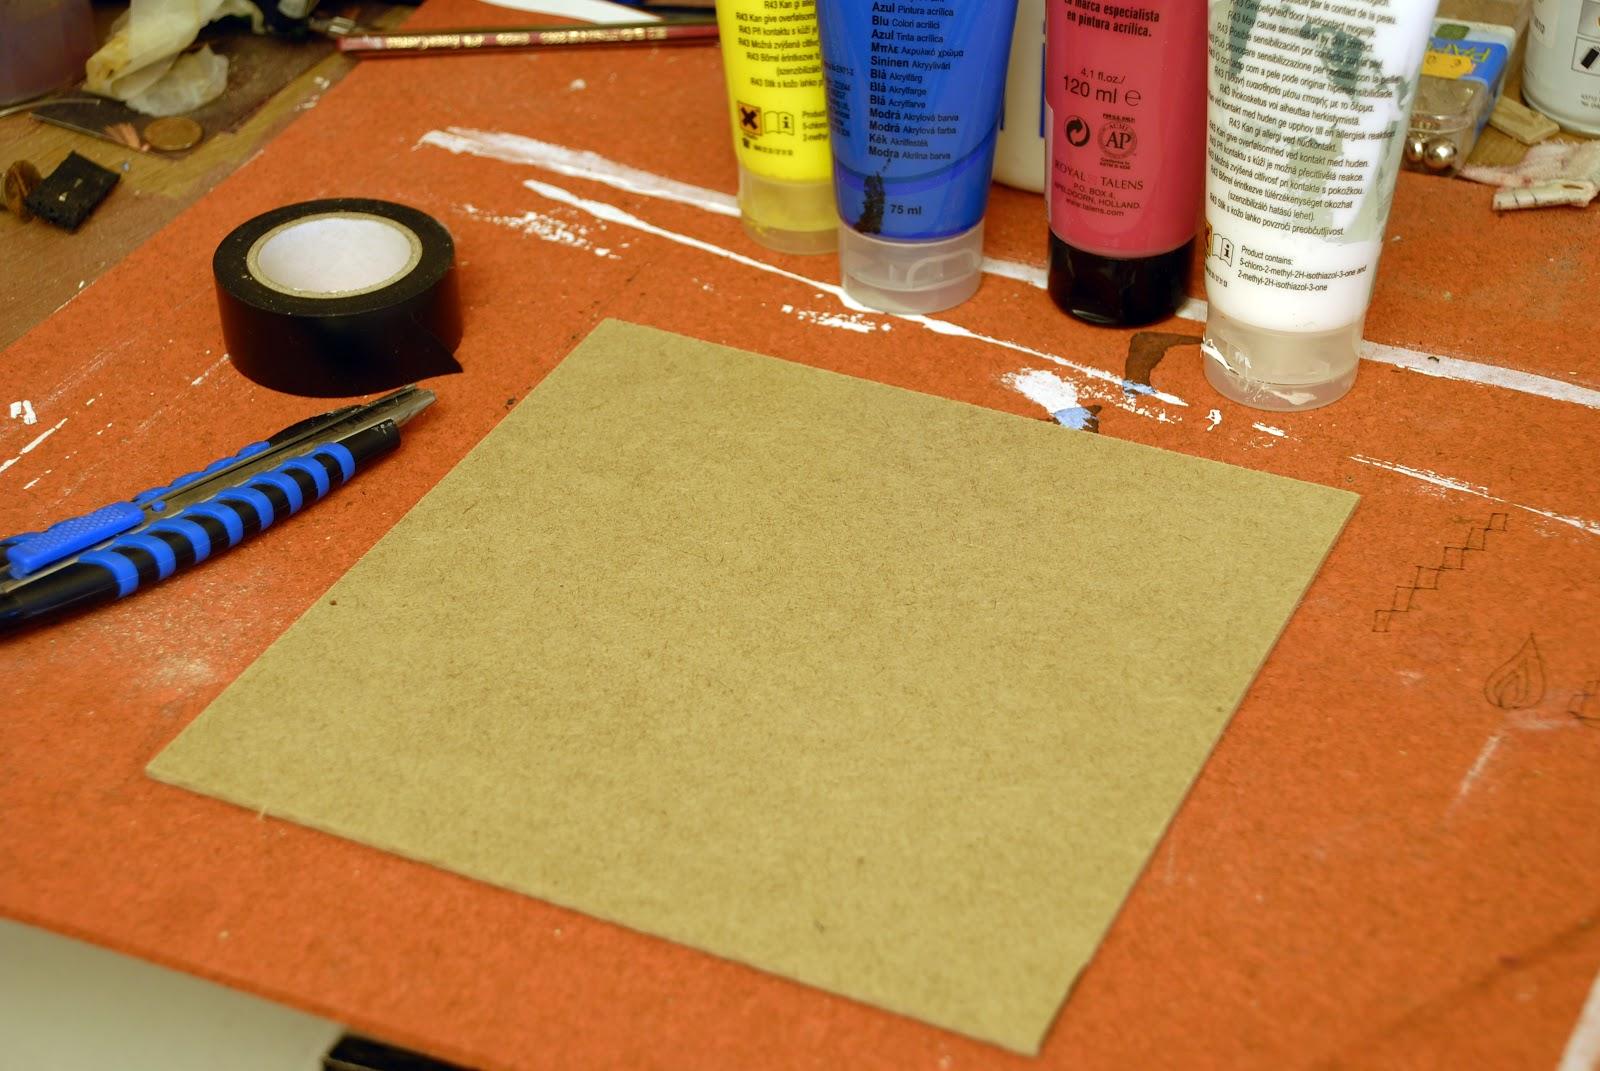 Composición con plantilla de cinta adhesiva | ProcesArt.